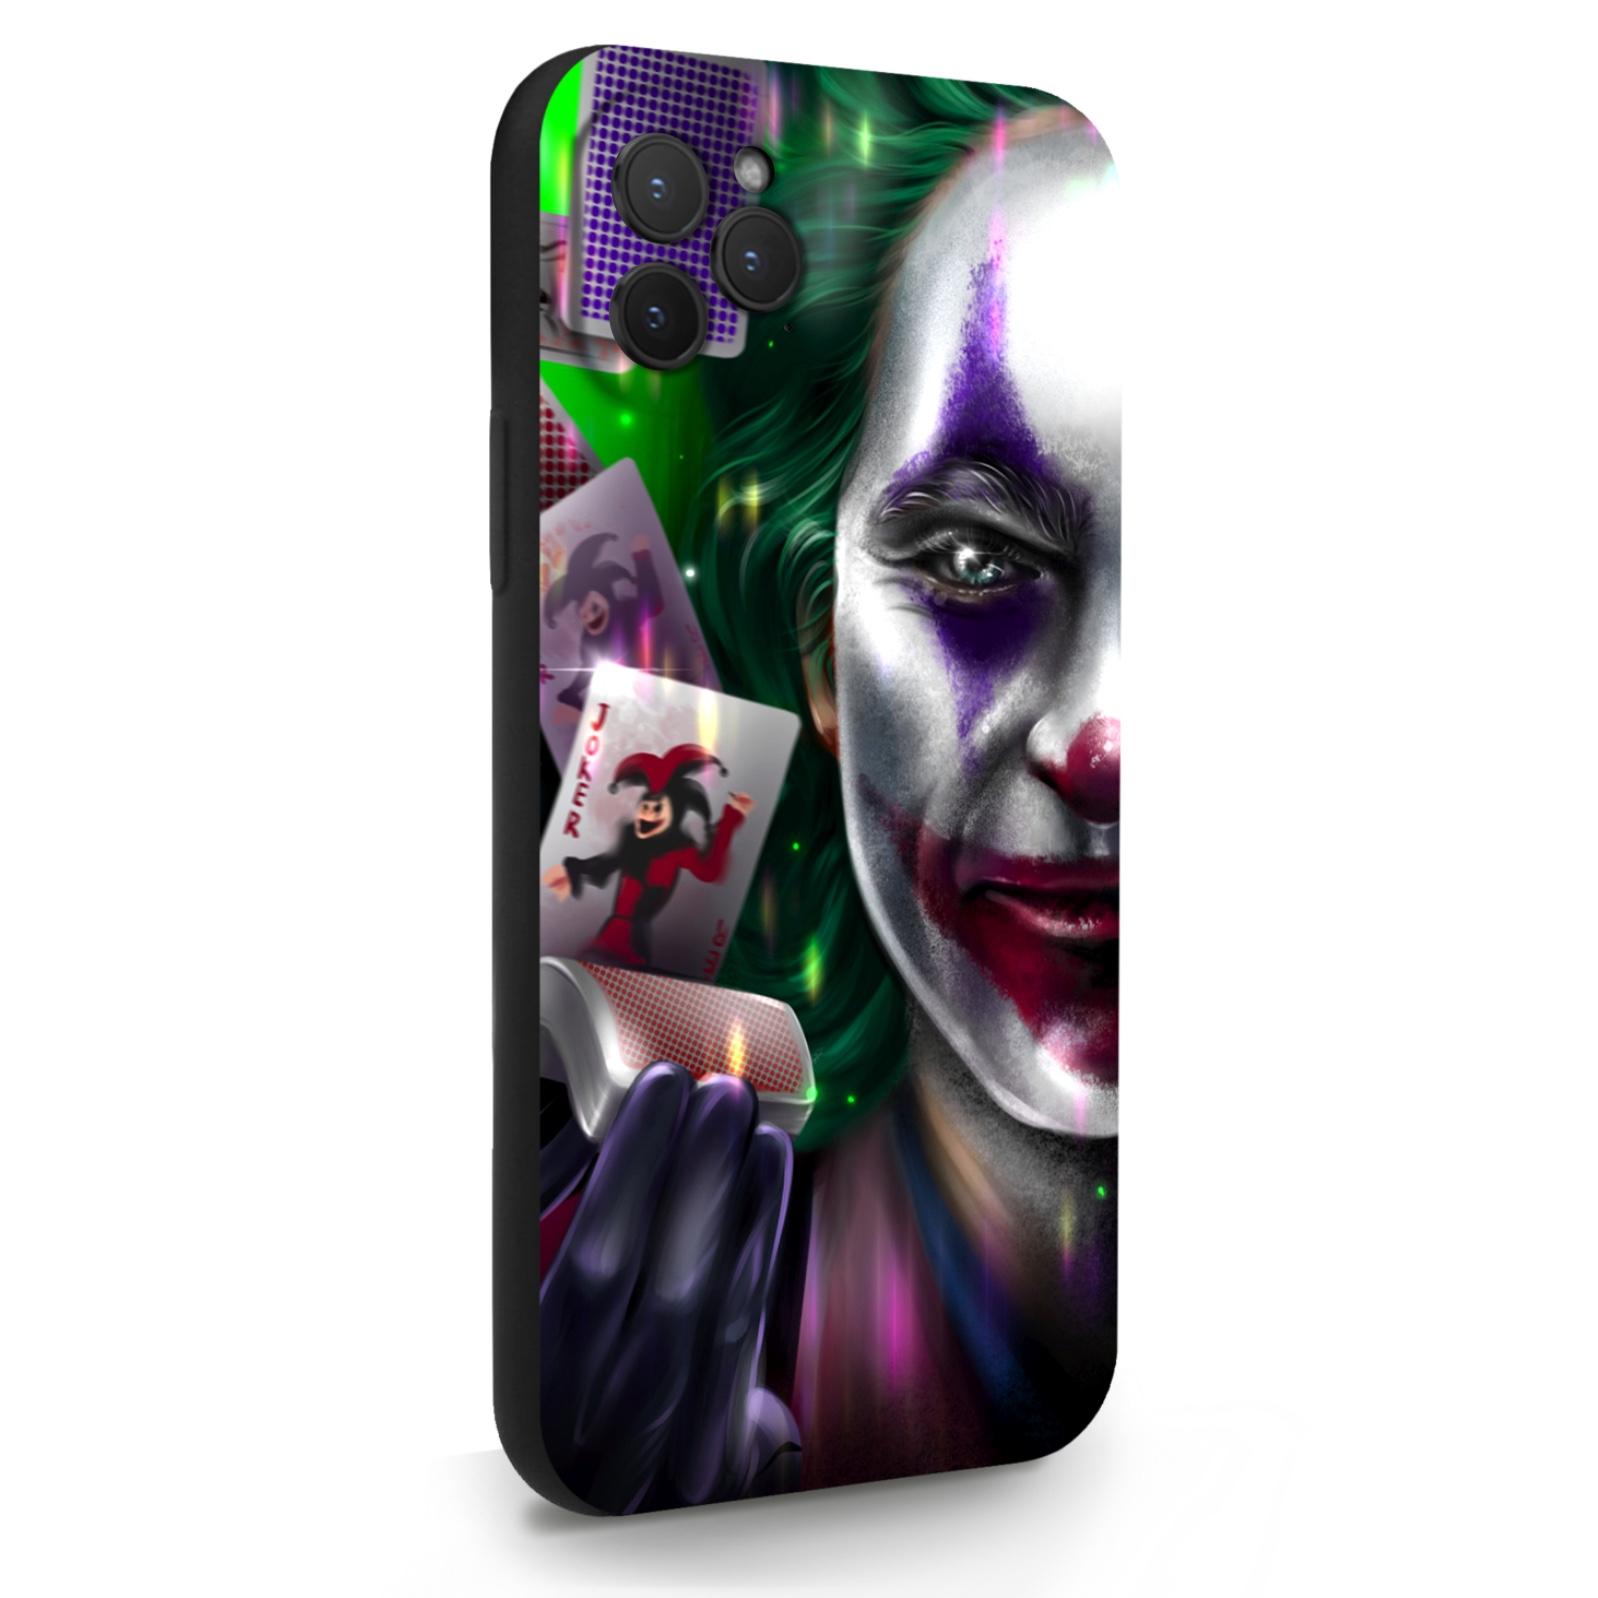 Черный силиконовый чехол для iPhone 11 Pro Joker/ Джокер для Айфон 11 Про